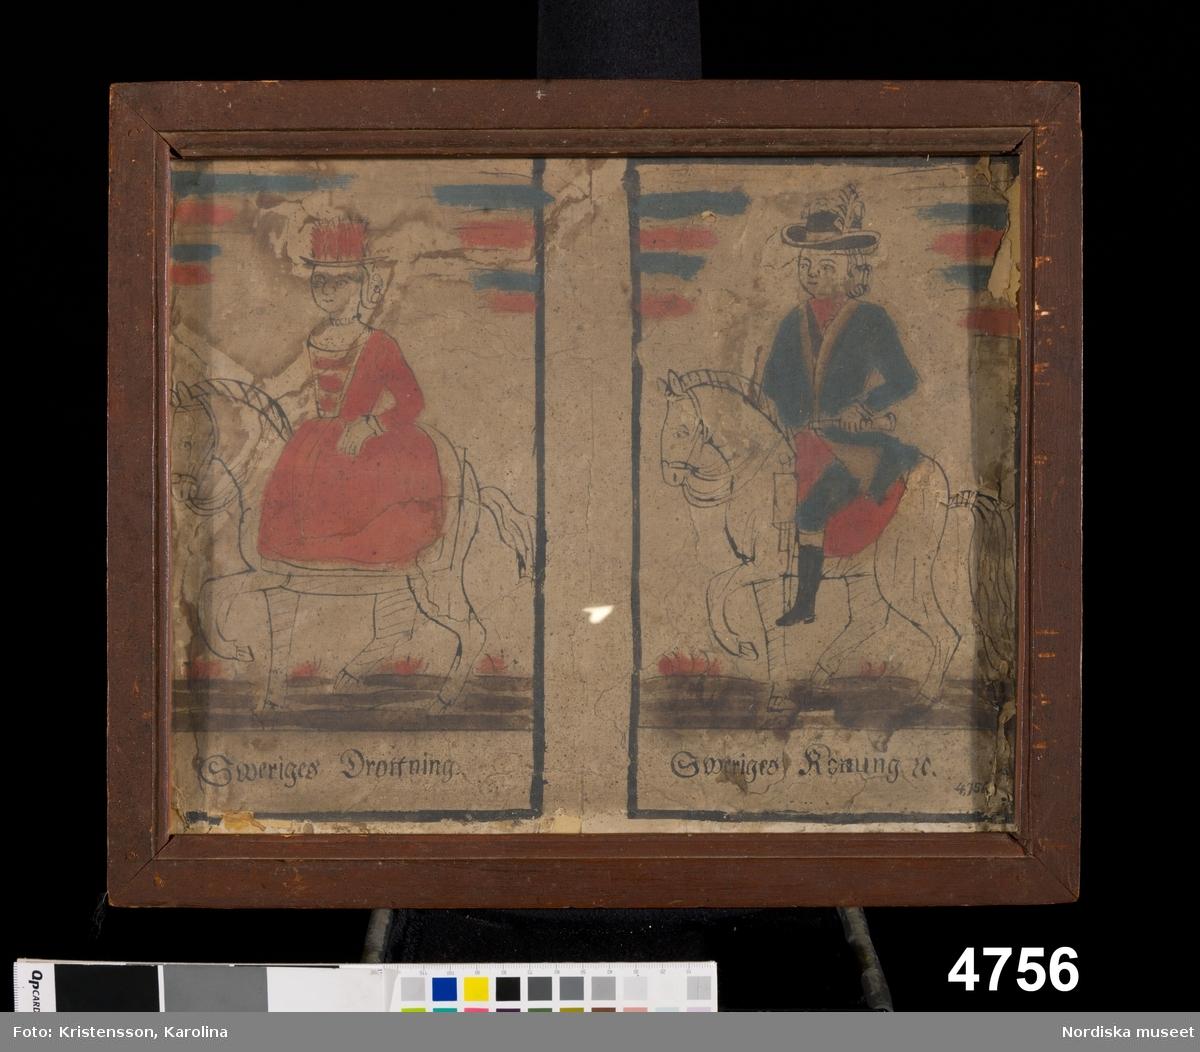 """Huvudliggaren: Tafla. Föreställande 'Sveriges Drottning' och 'Sveriges Konung'. Antagligen fr. kapten V. Engelkes sändning, se 4620. Ank 5/6 1874."""""""